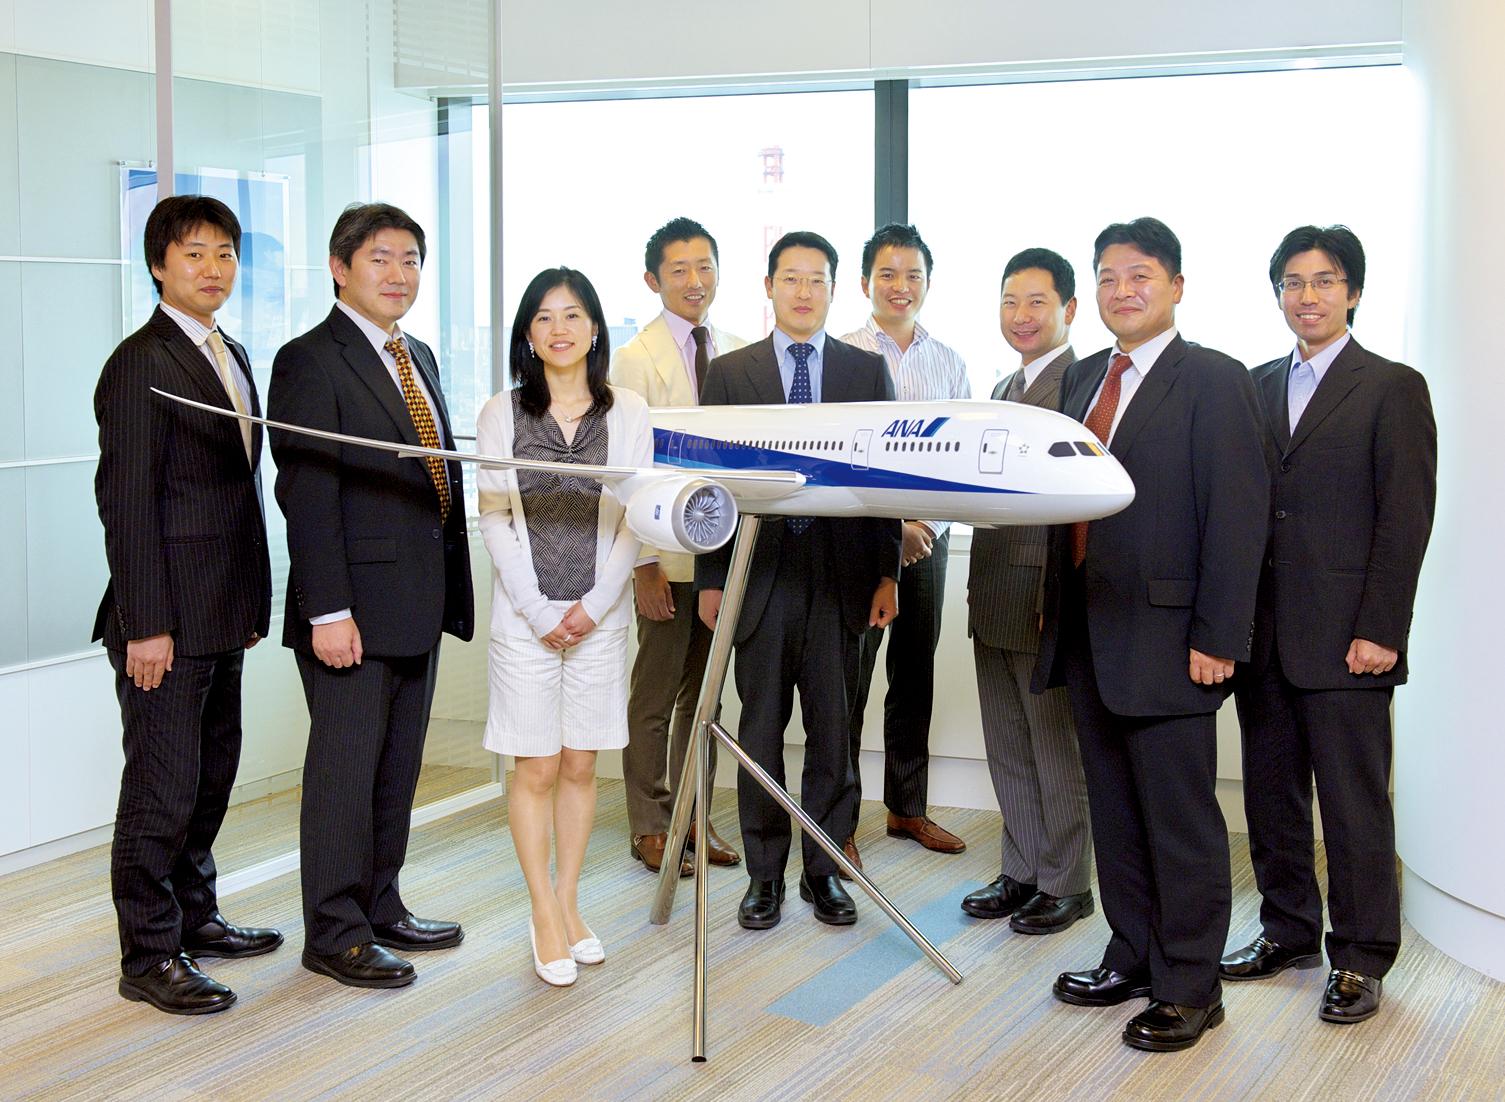 全日本空輸株式会社 法務部